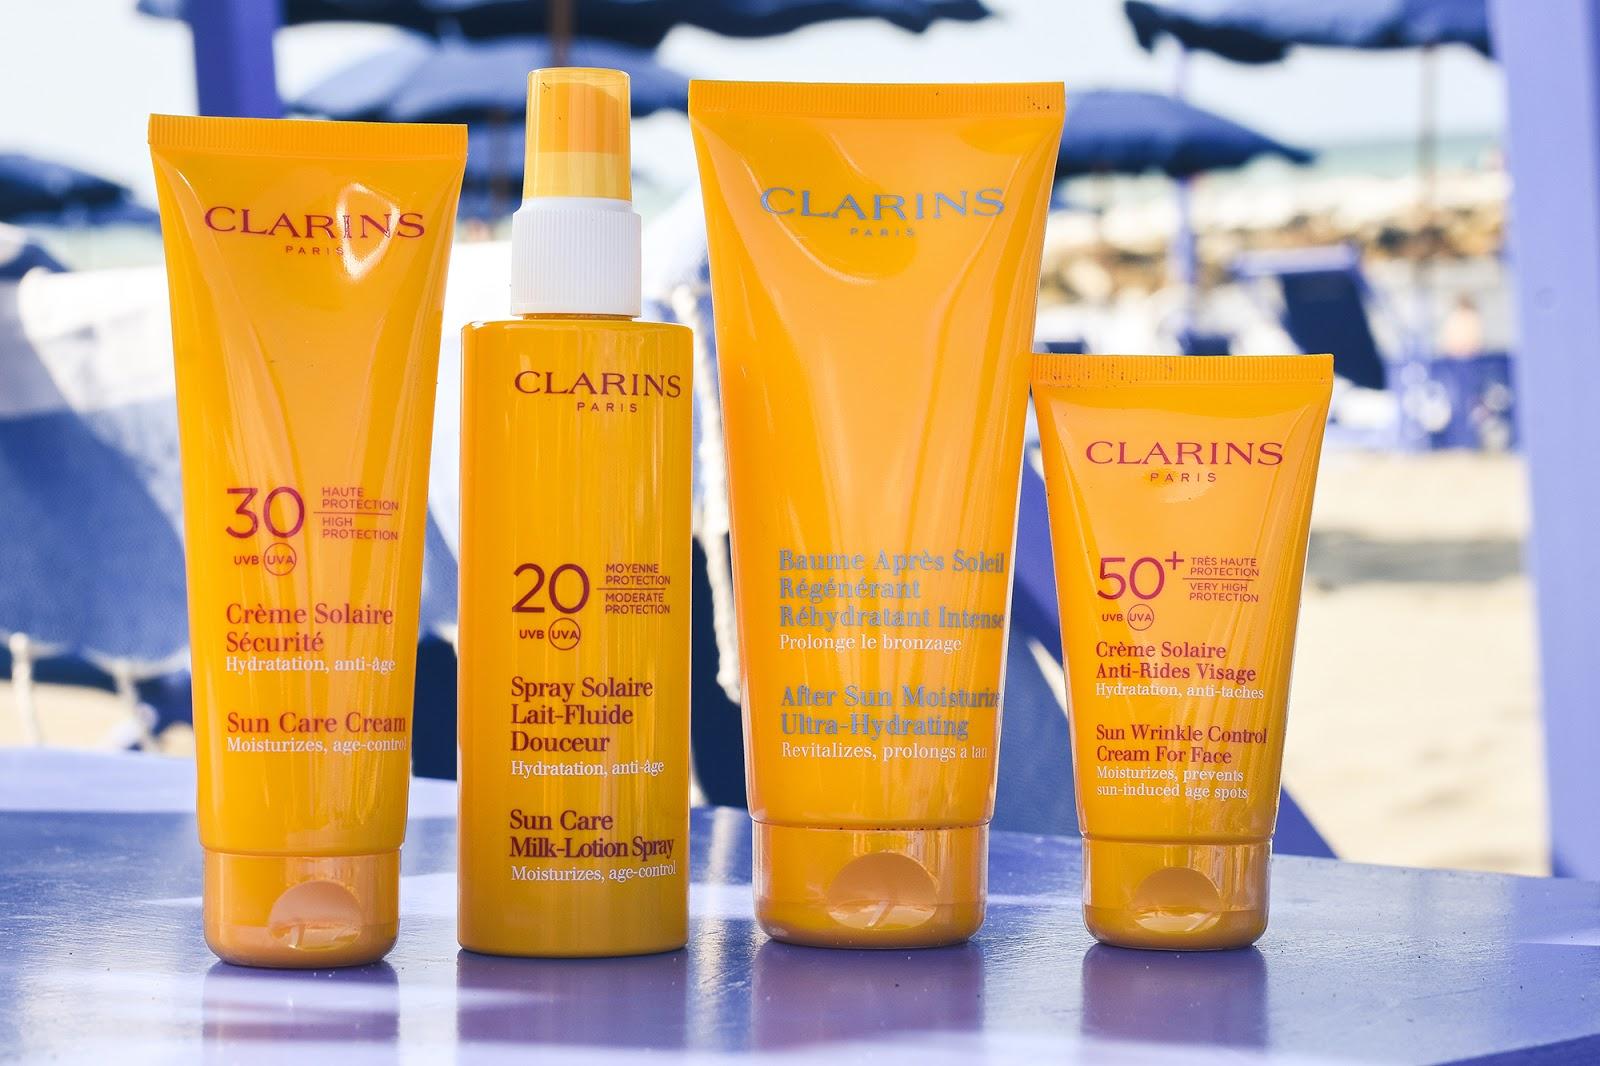 protezione solare clarins